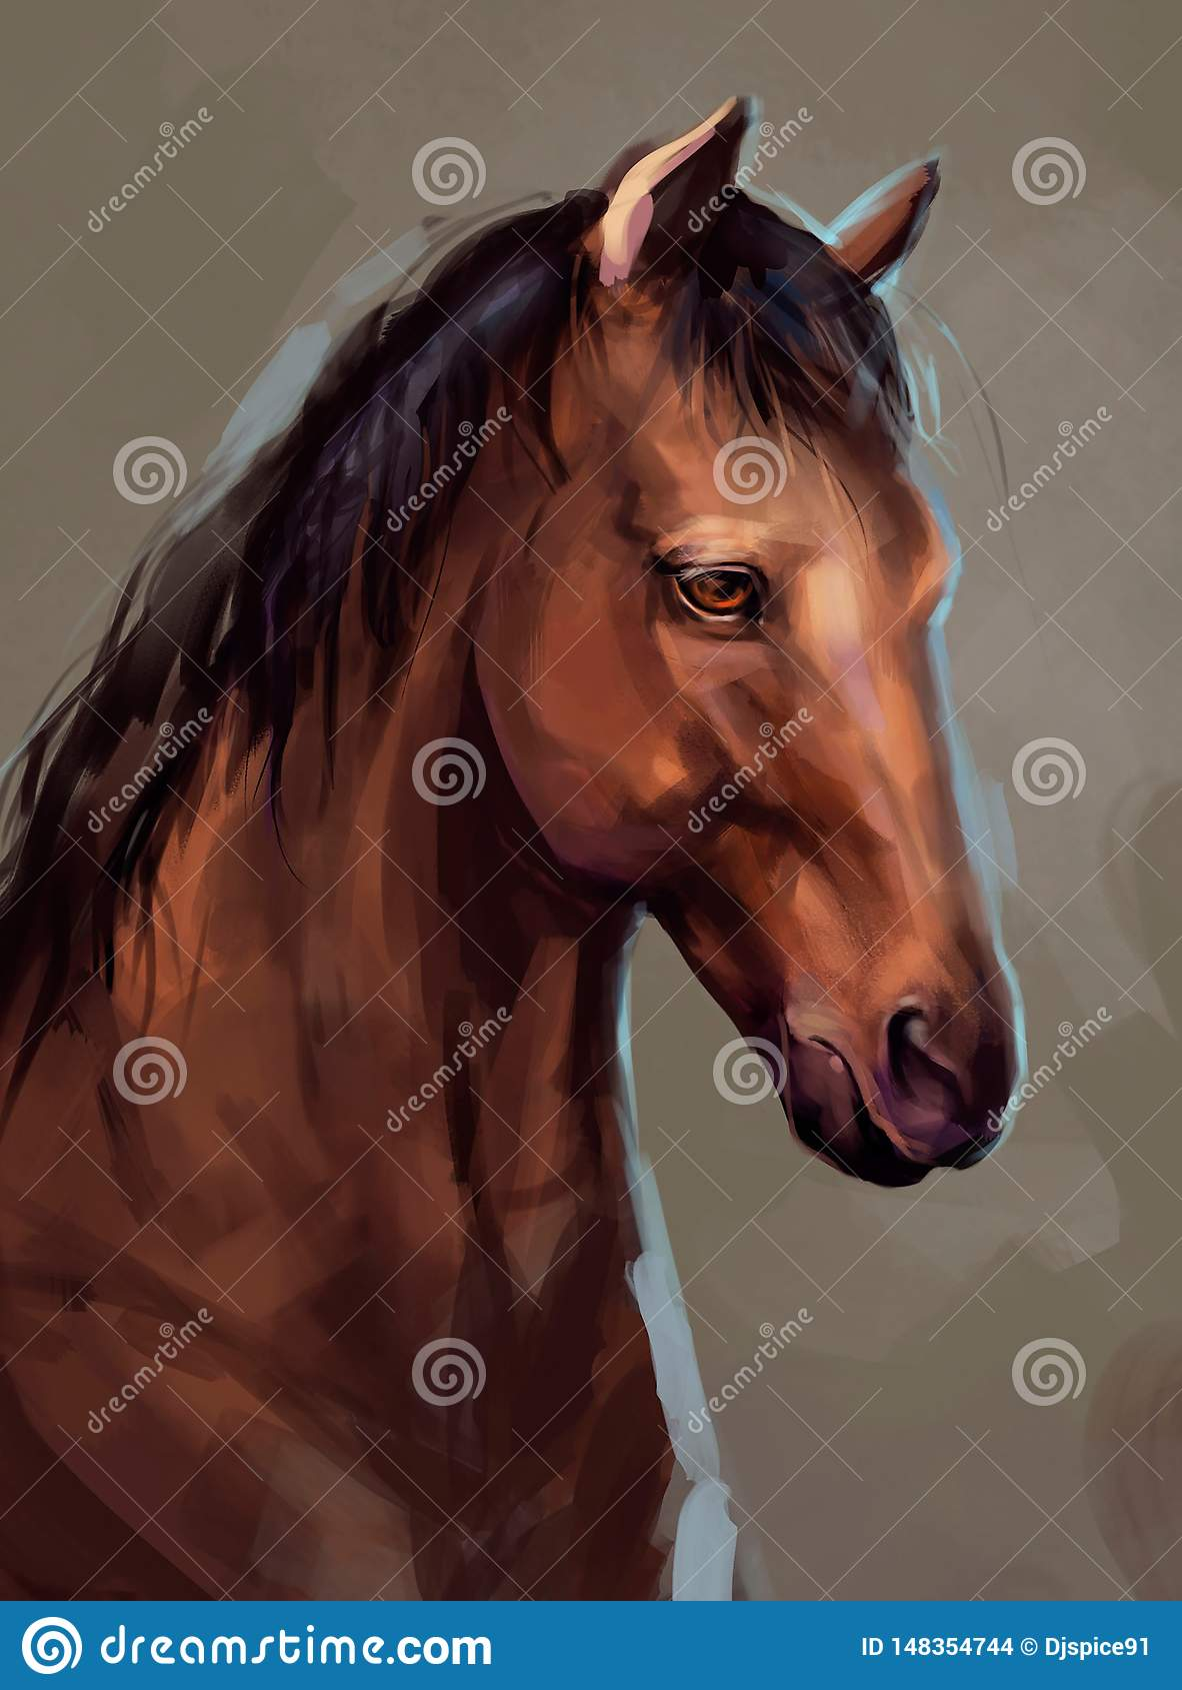 Ilustra??o de um cavalo marrom